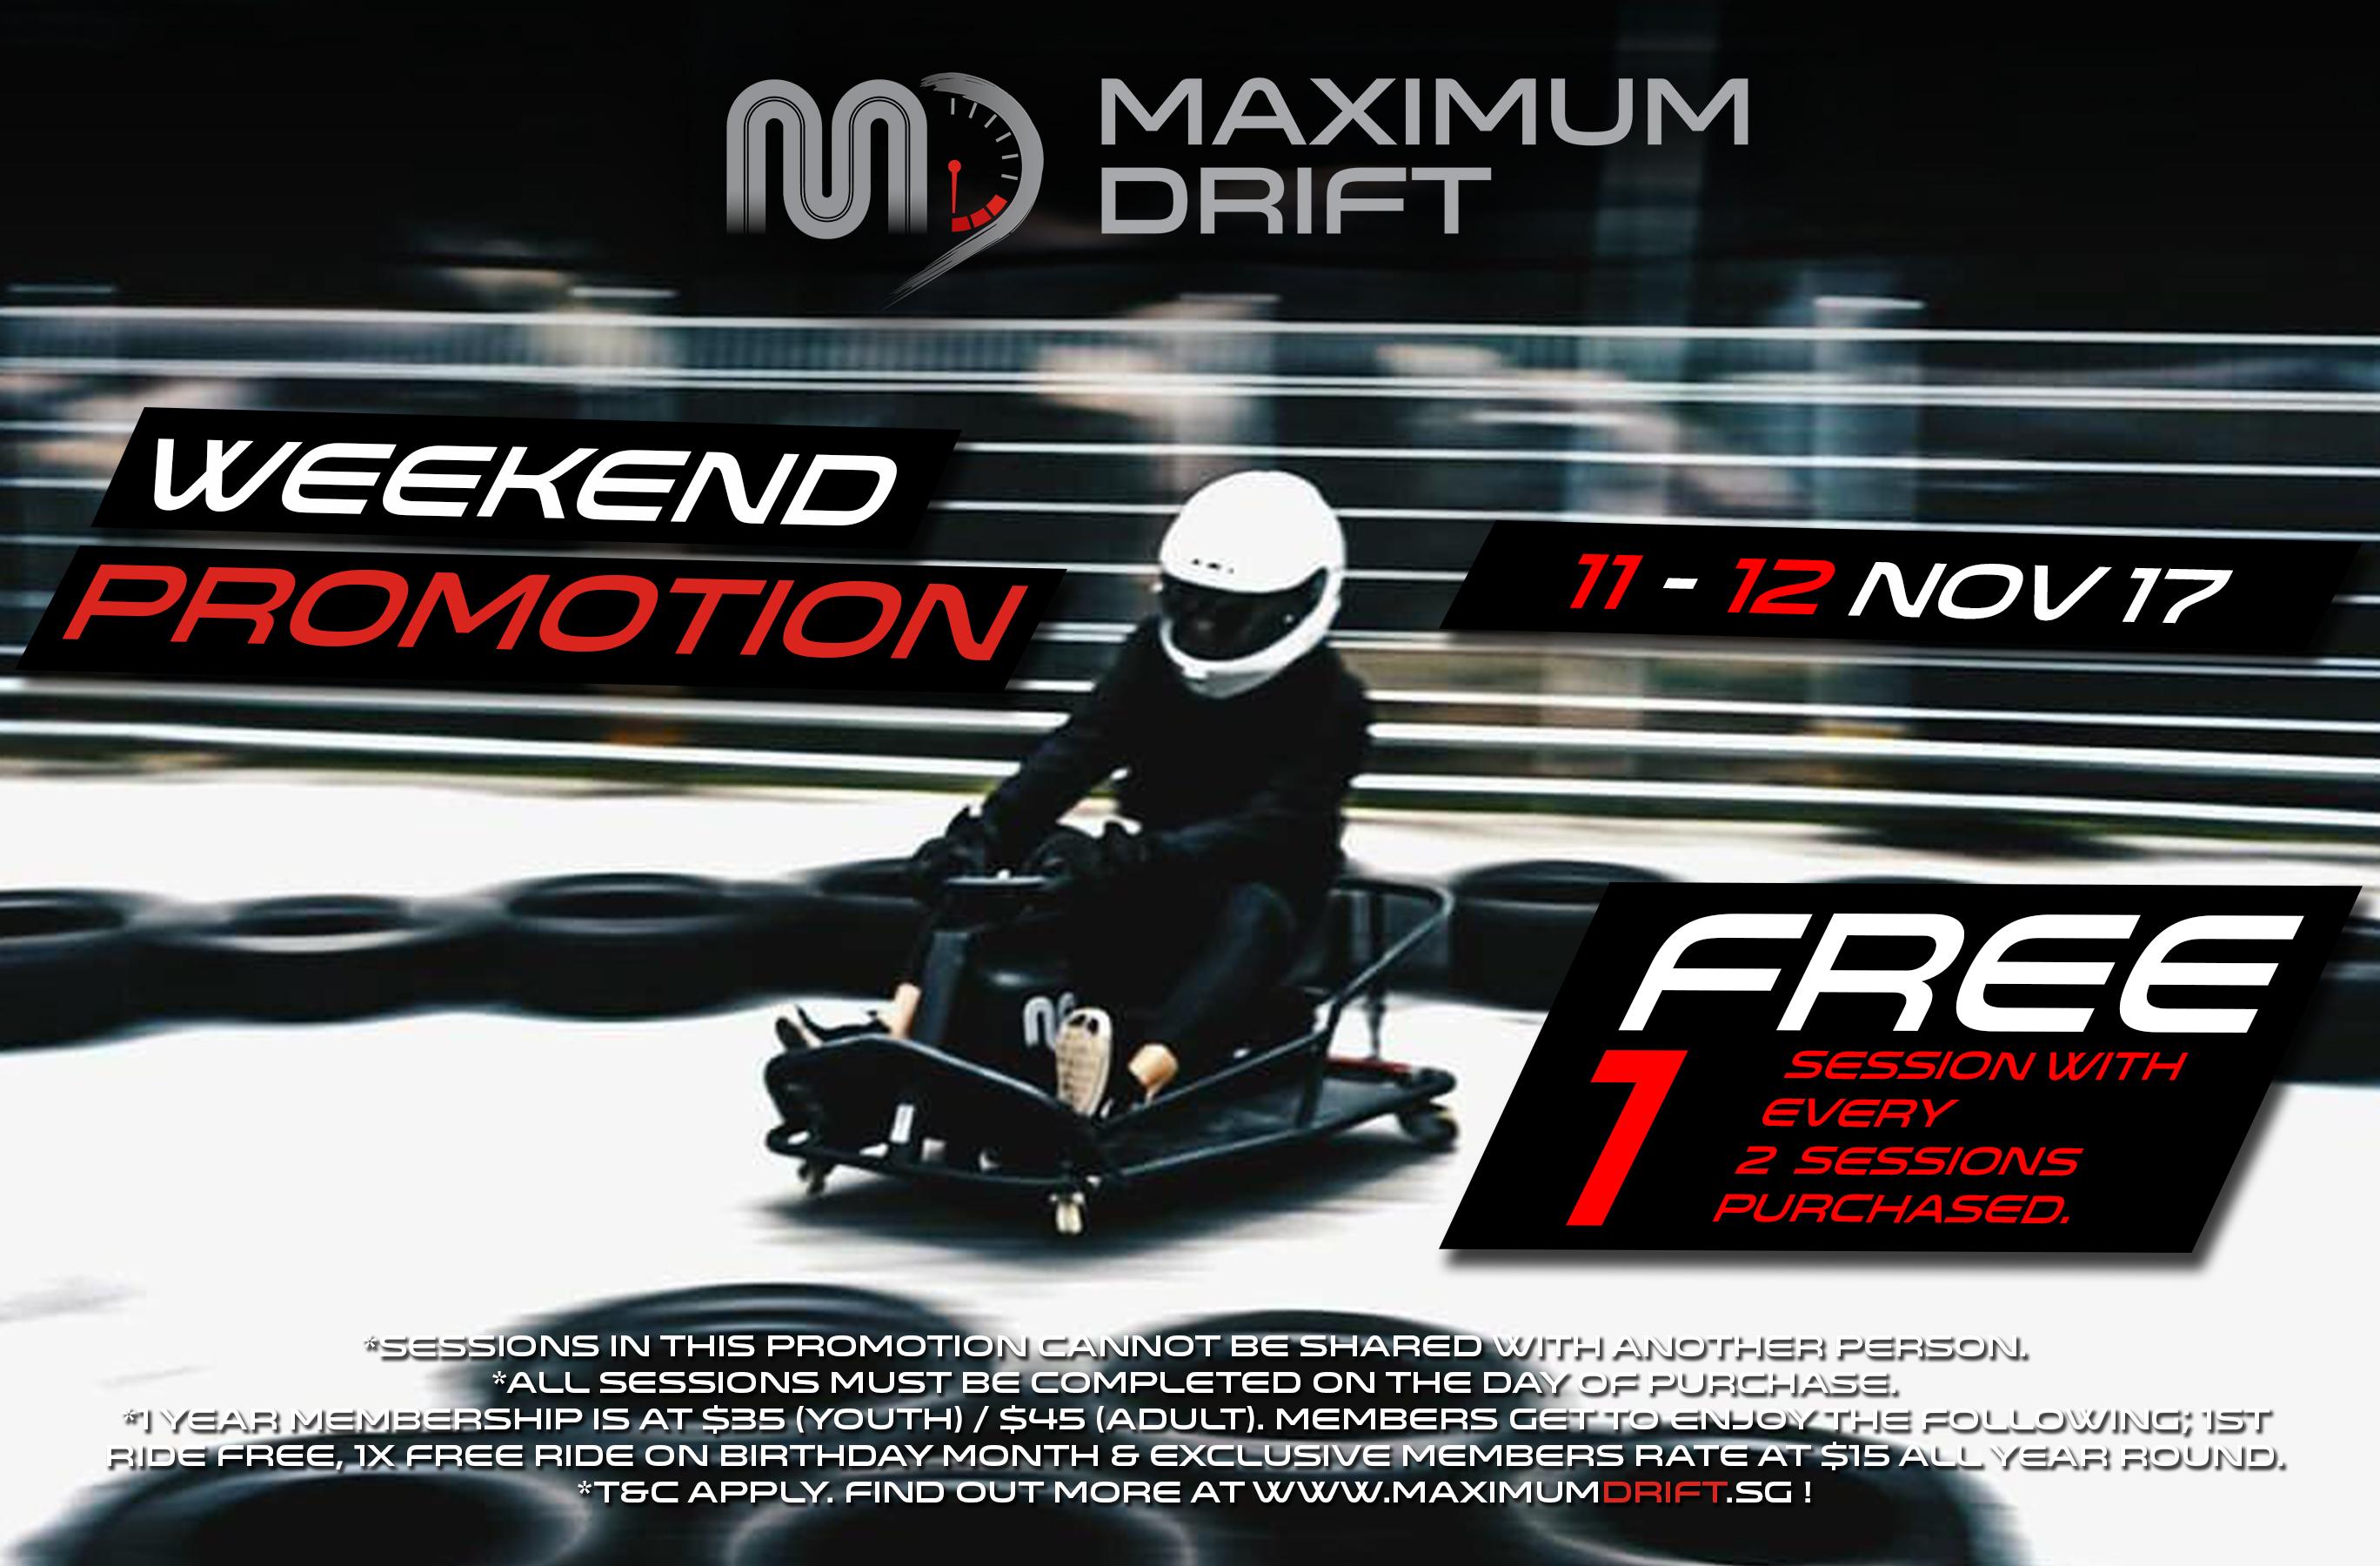 Weekend Promo (NOV)